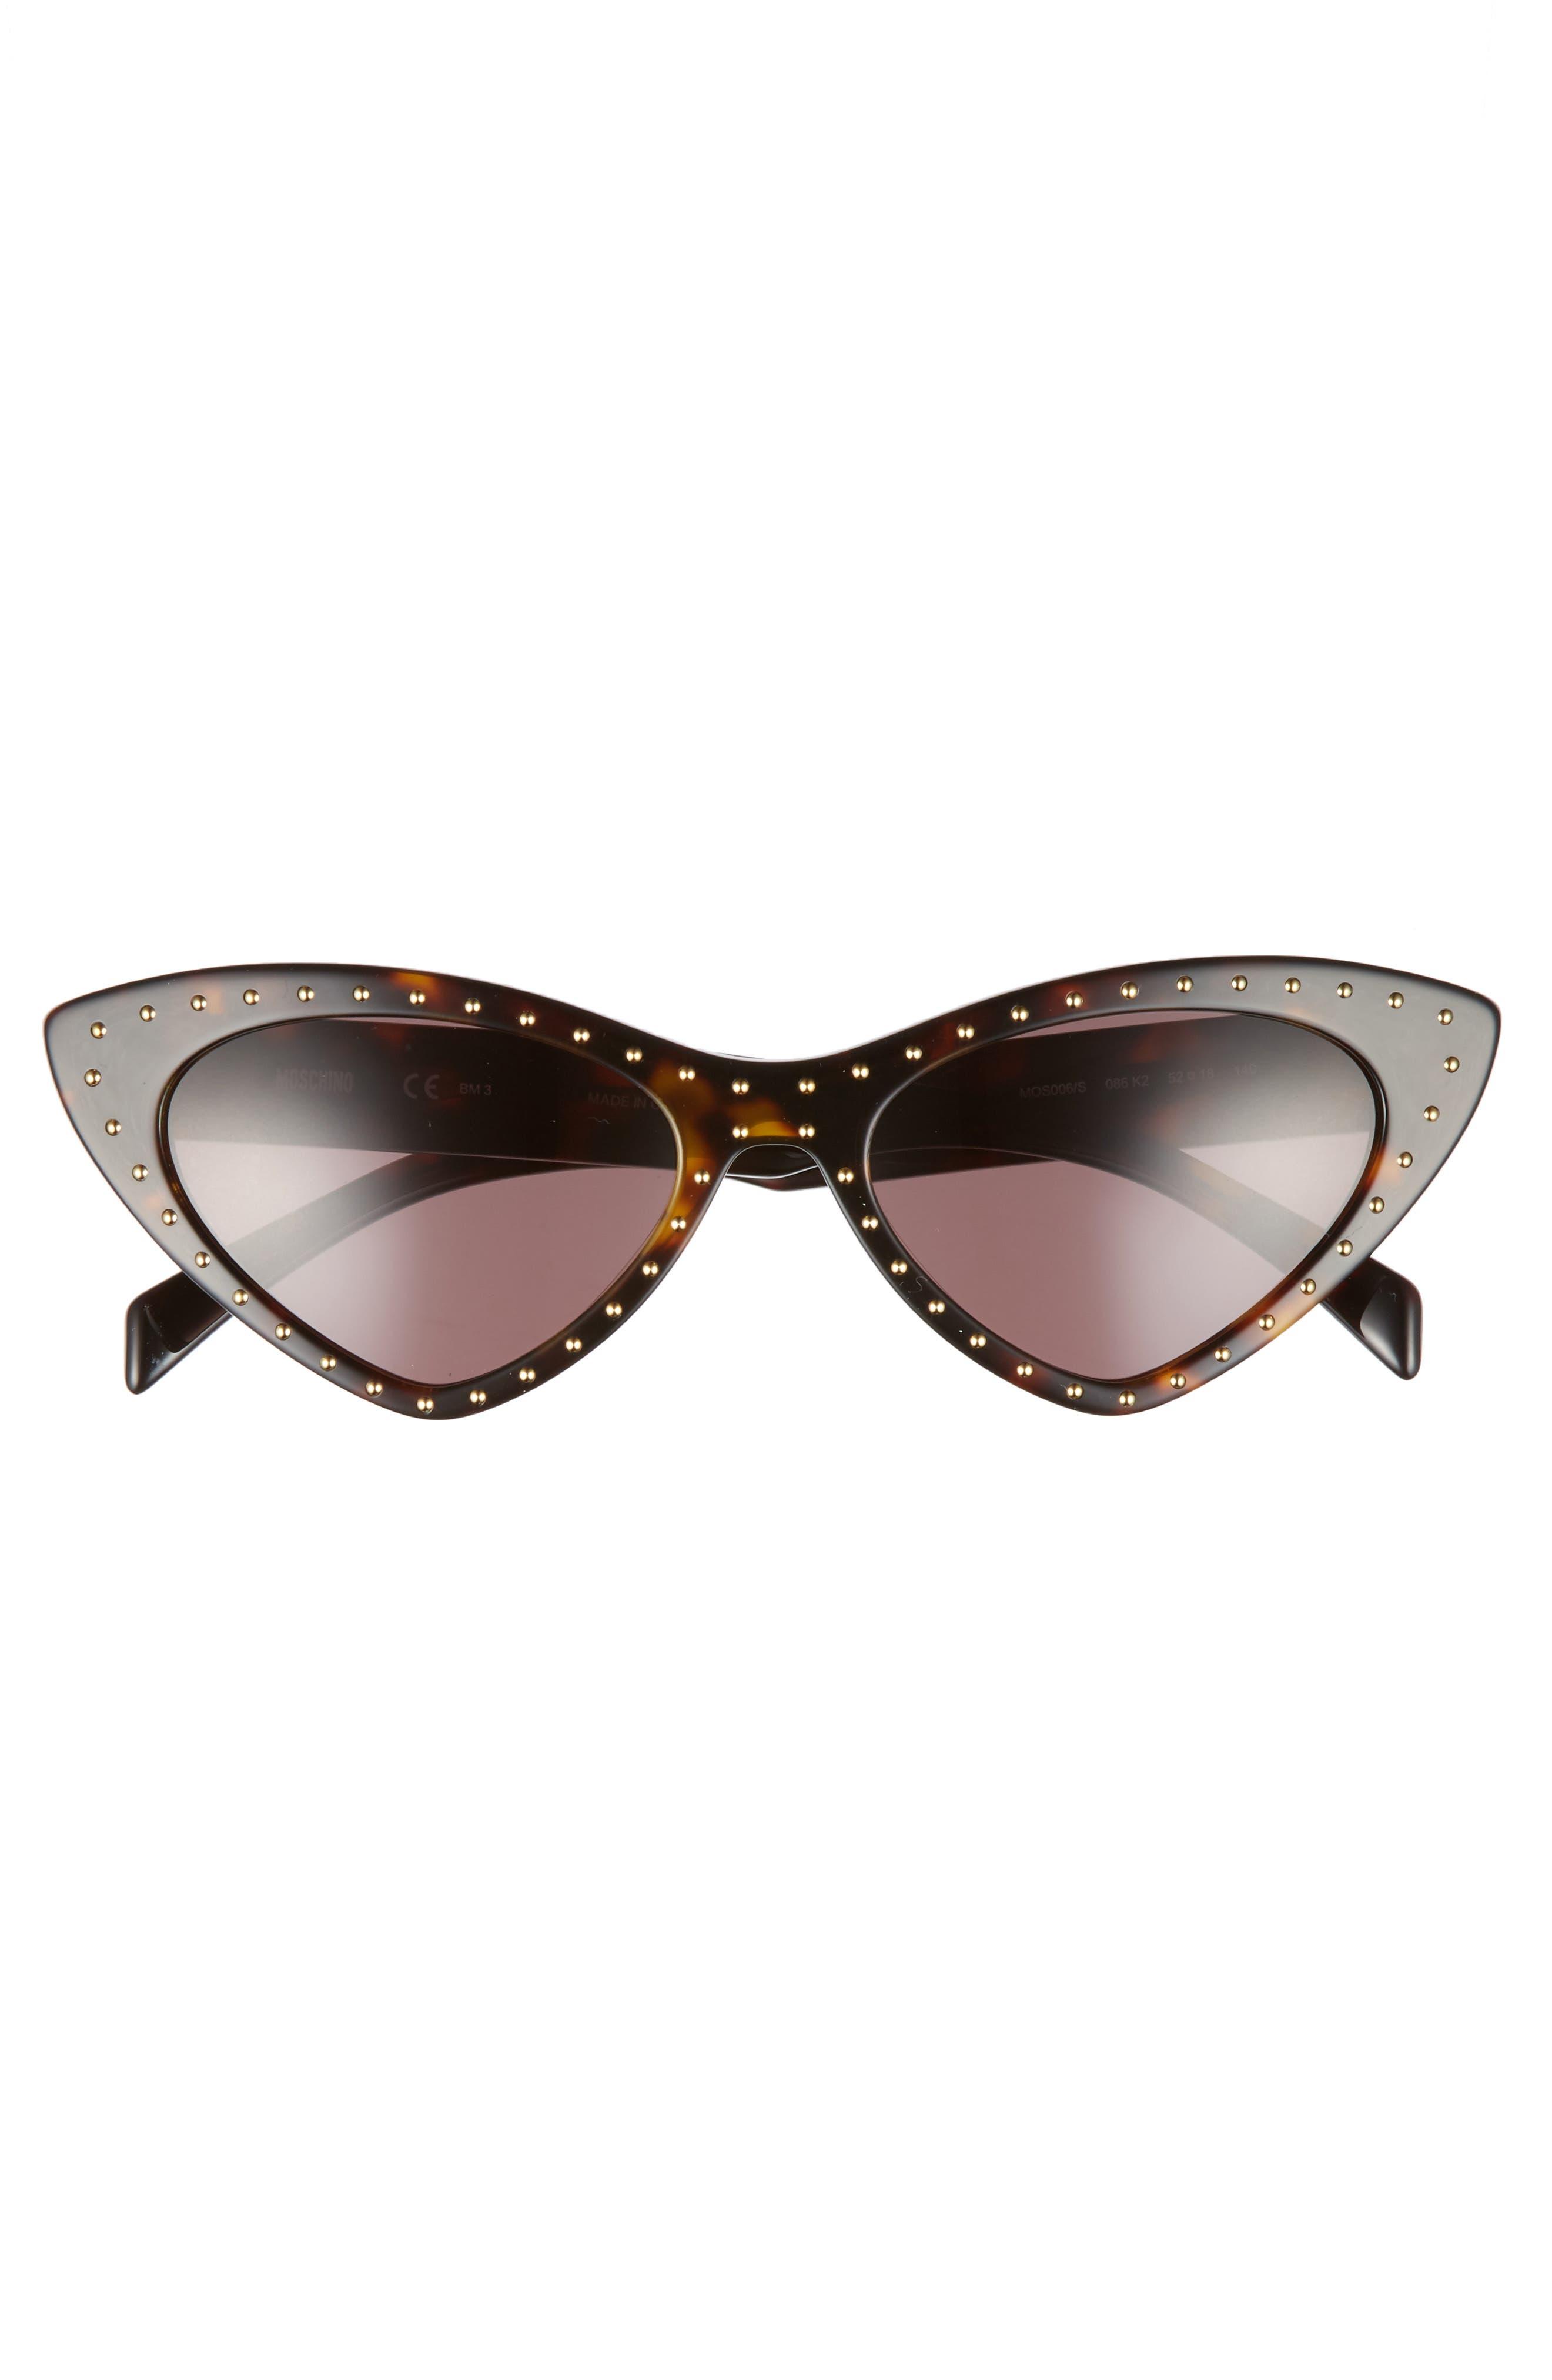 52mm Cat's Eye Sunglasses,                             Alternate thumbnail 3, color,                             Dark Havana